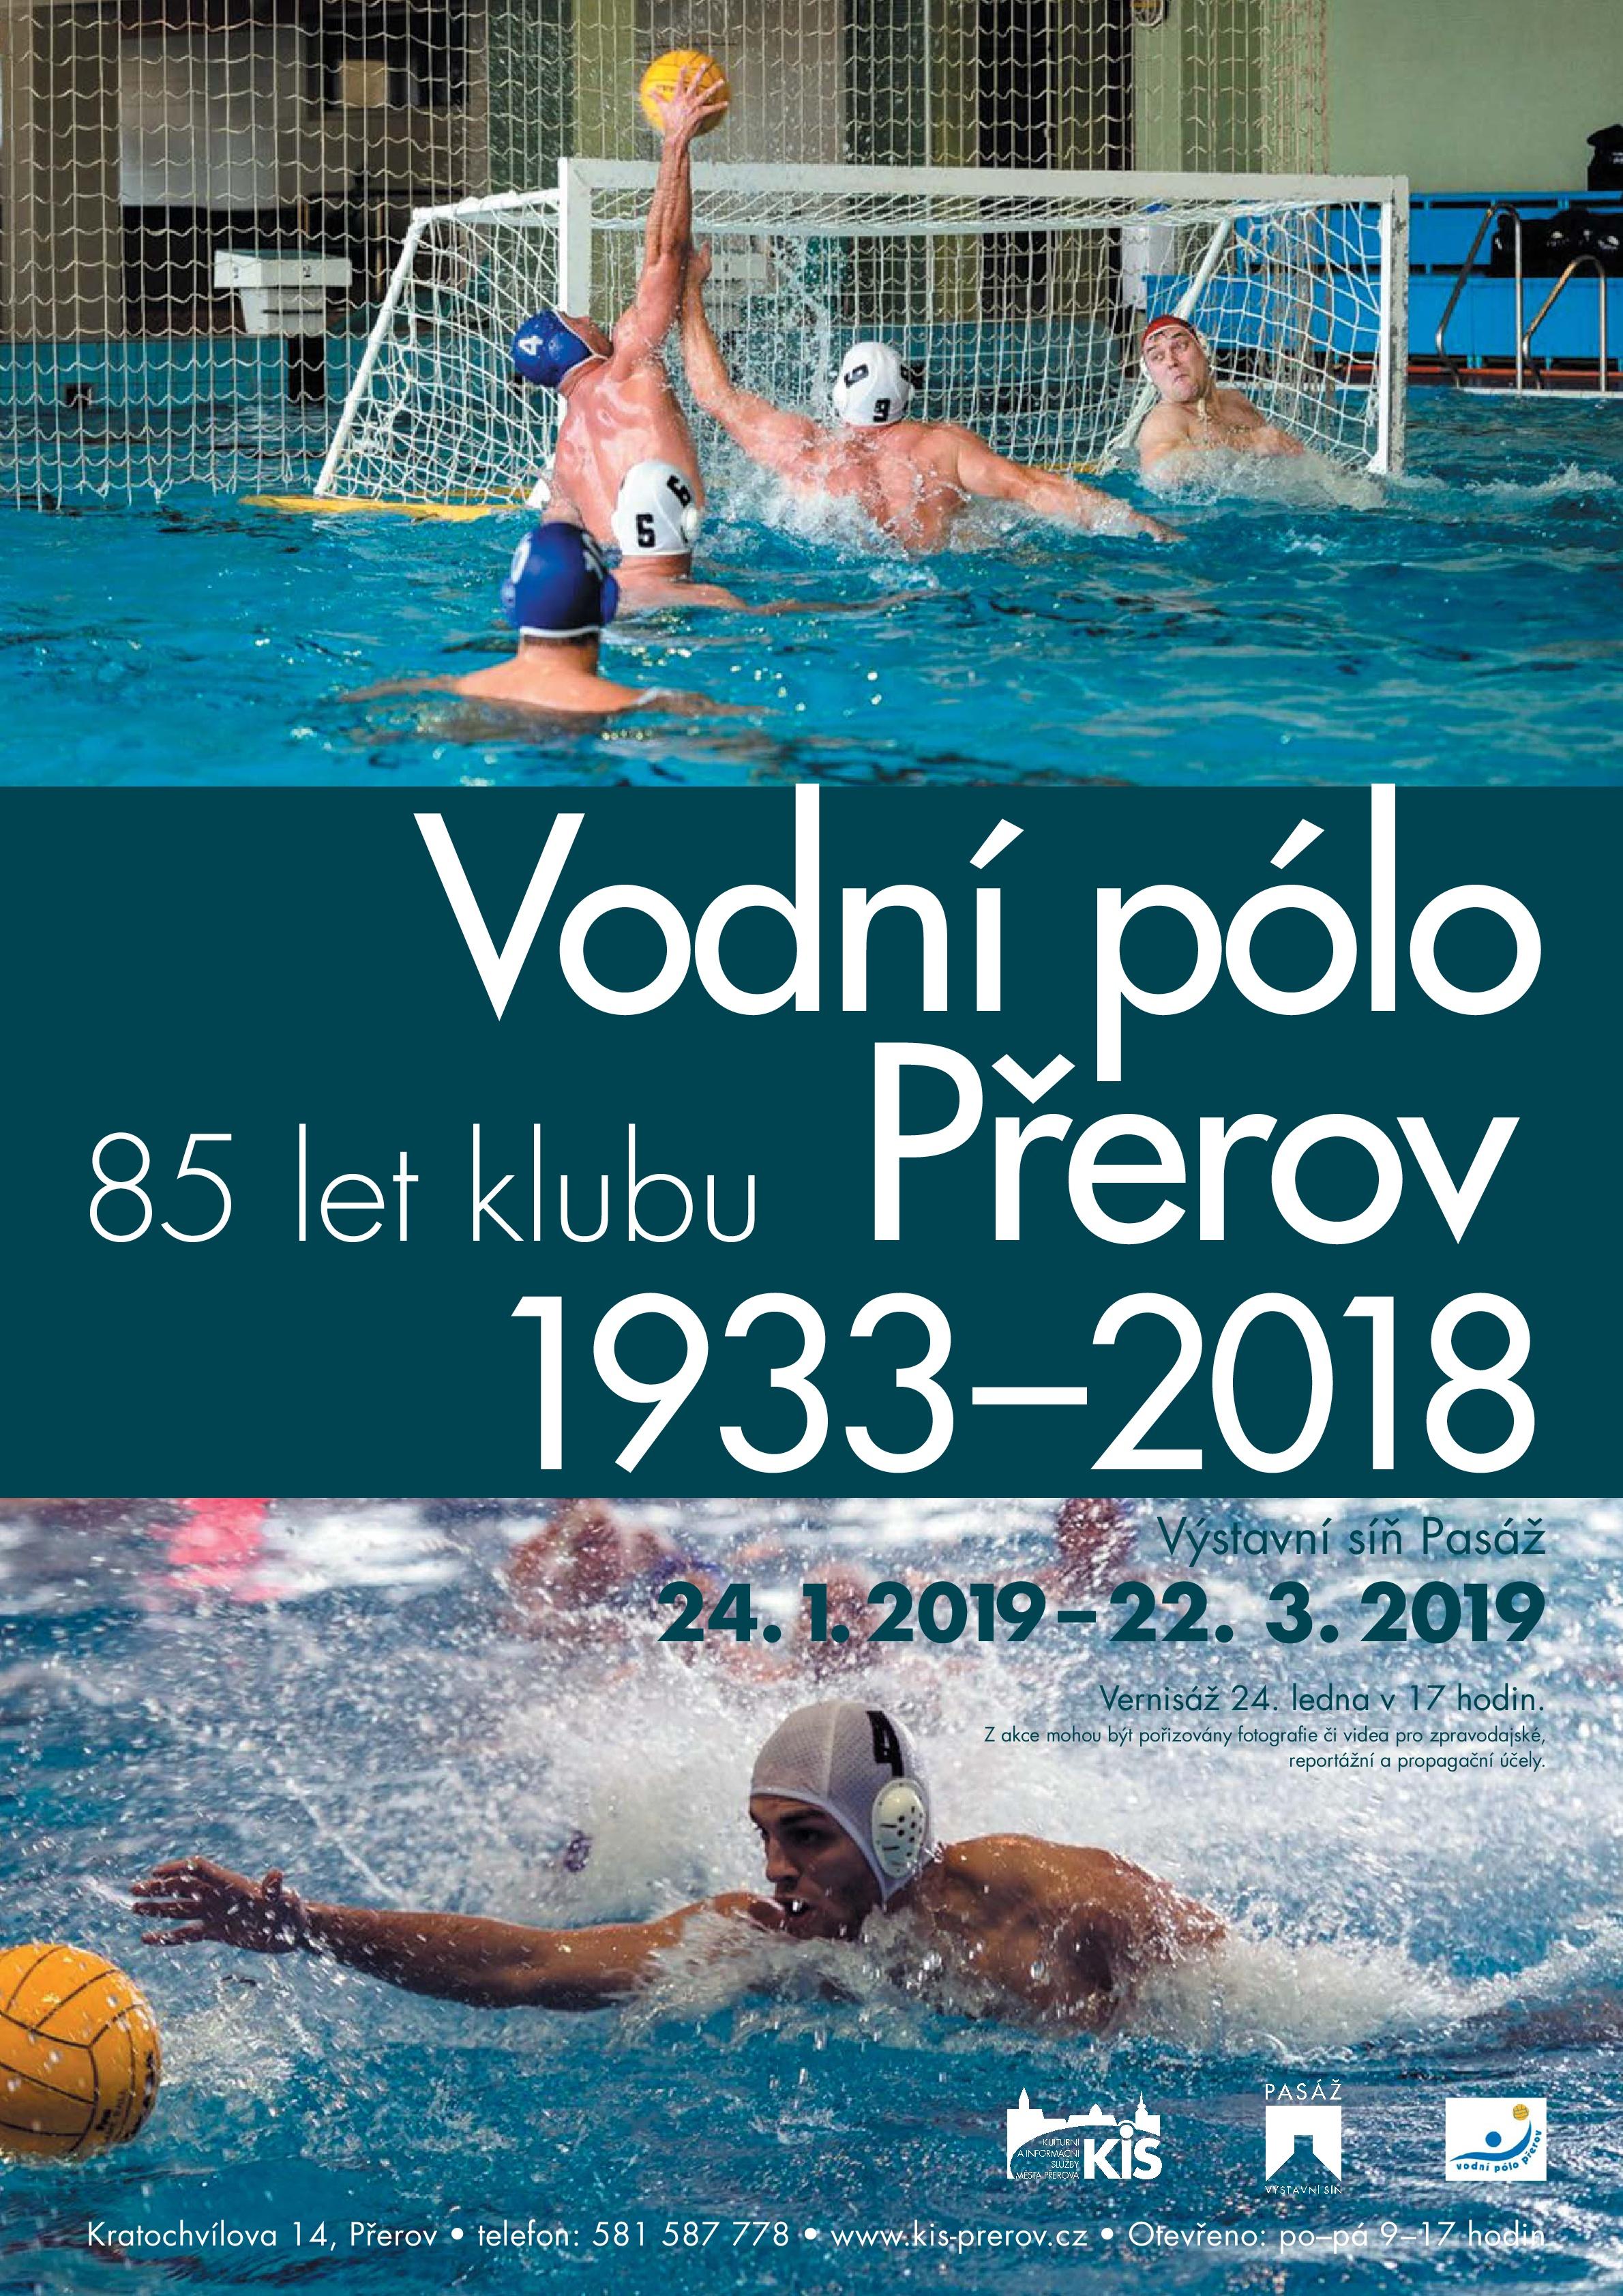 Výstava u příležitosti 85-ti let vodního póla v Přerově: Vodní pólo Přerov 1933 – 2018